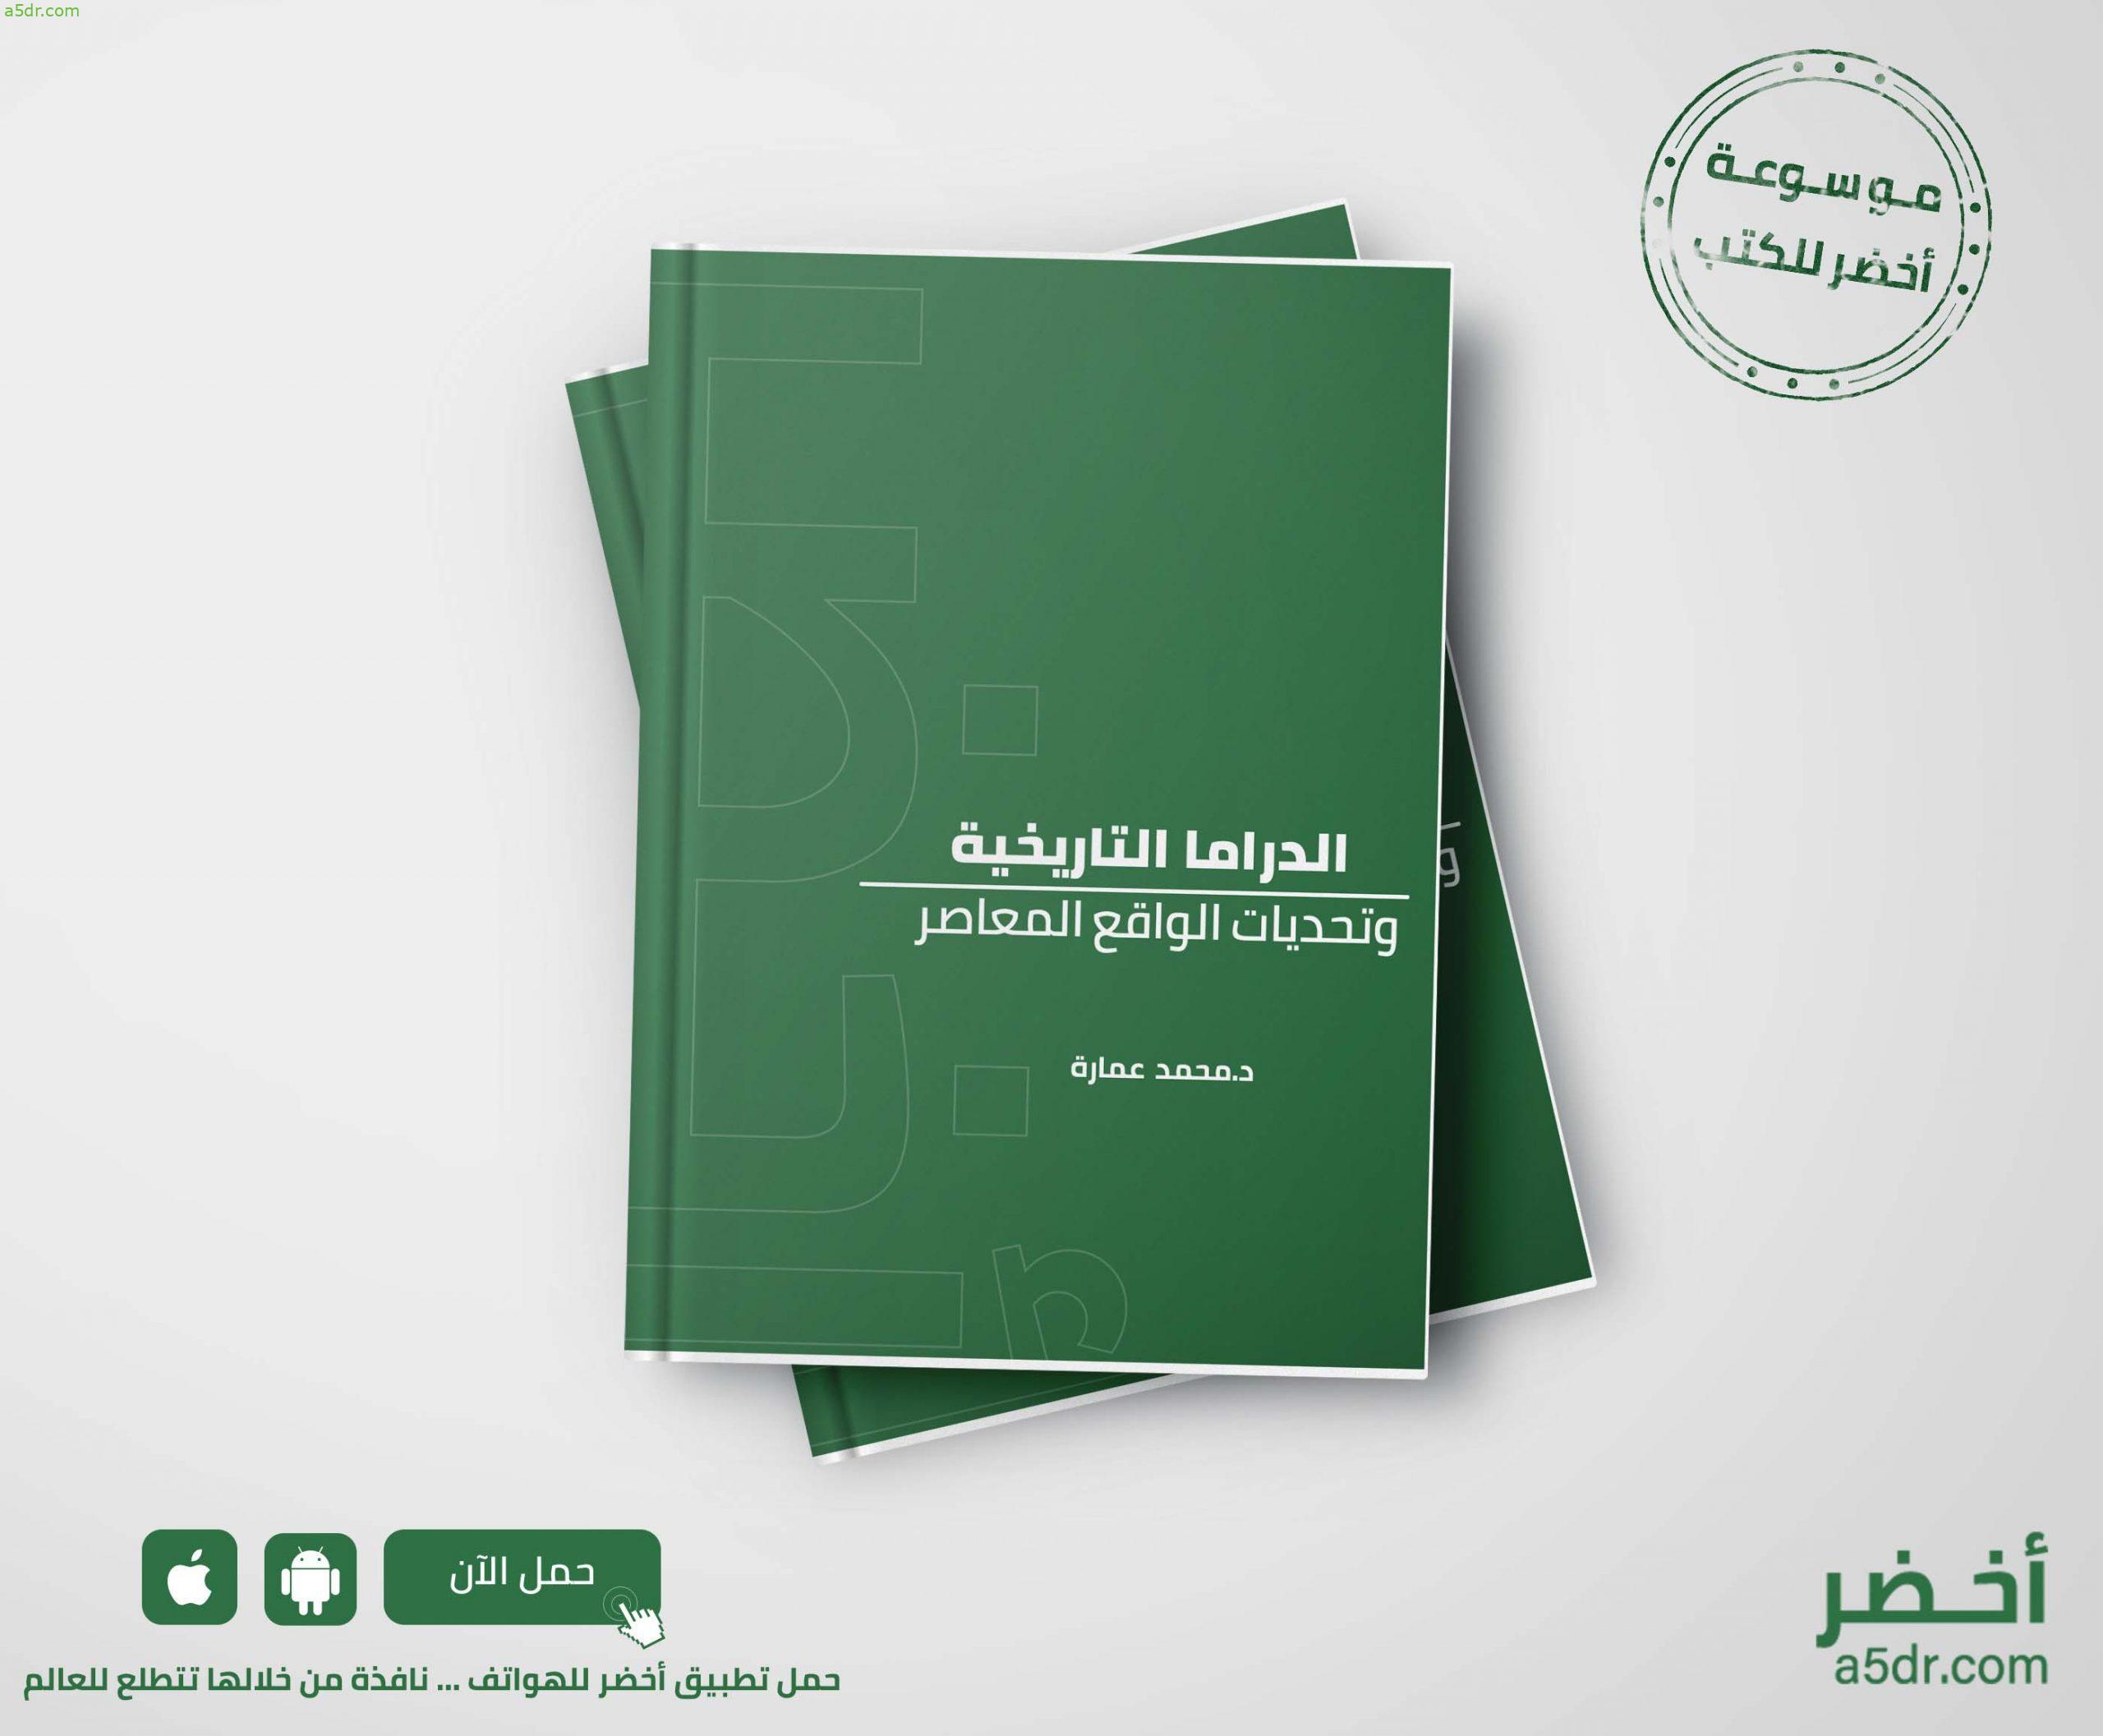 كتاب الدراما التاريخية وتحديات الواقع المعاصر - محمد عمارة